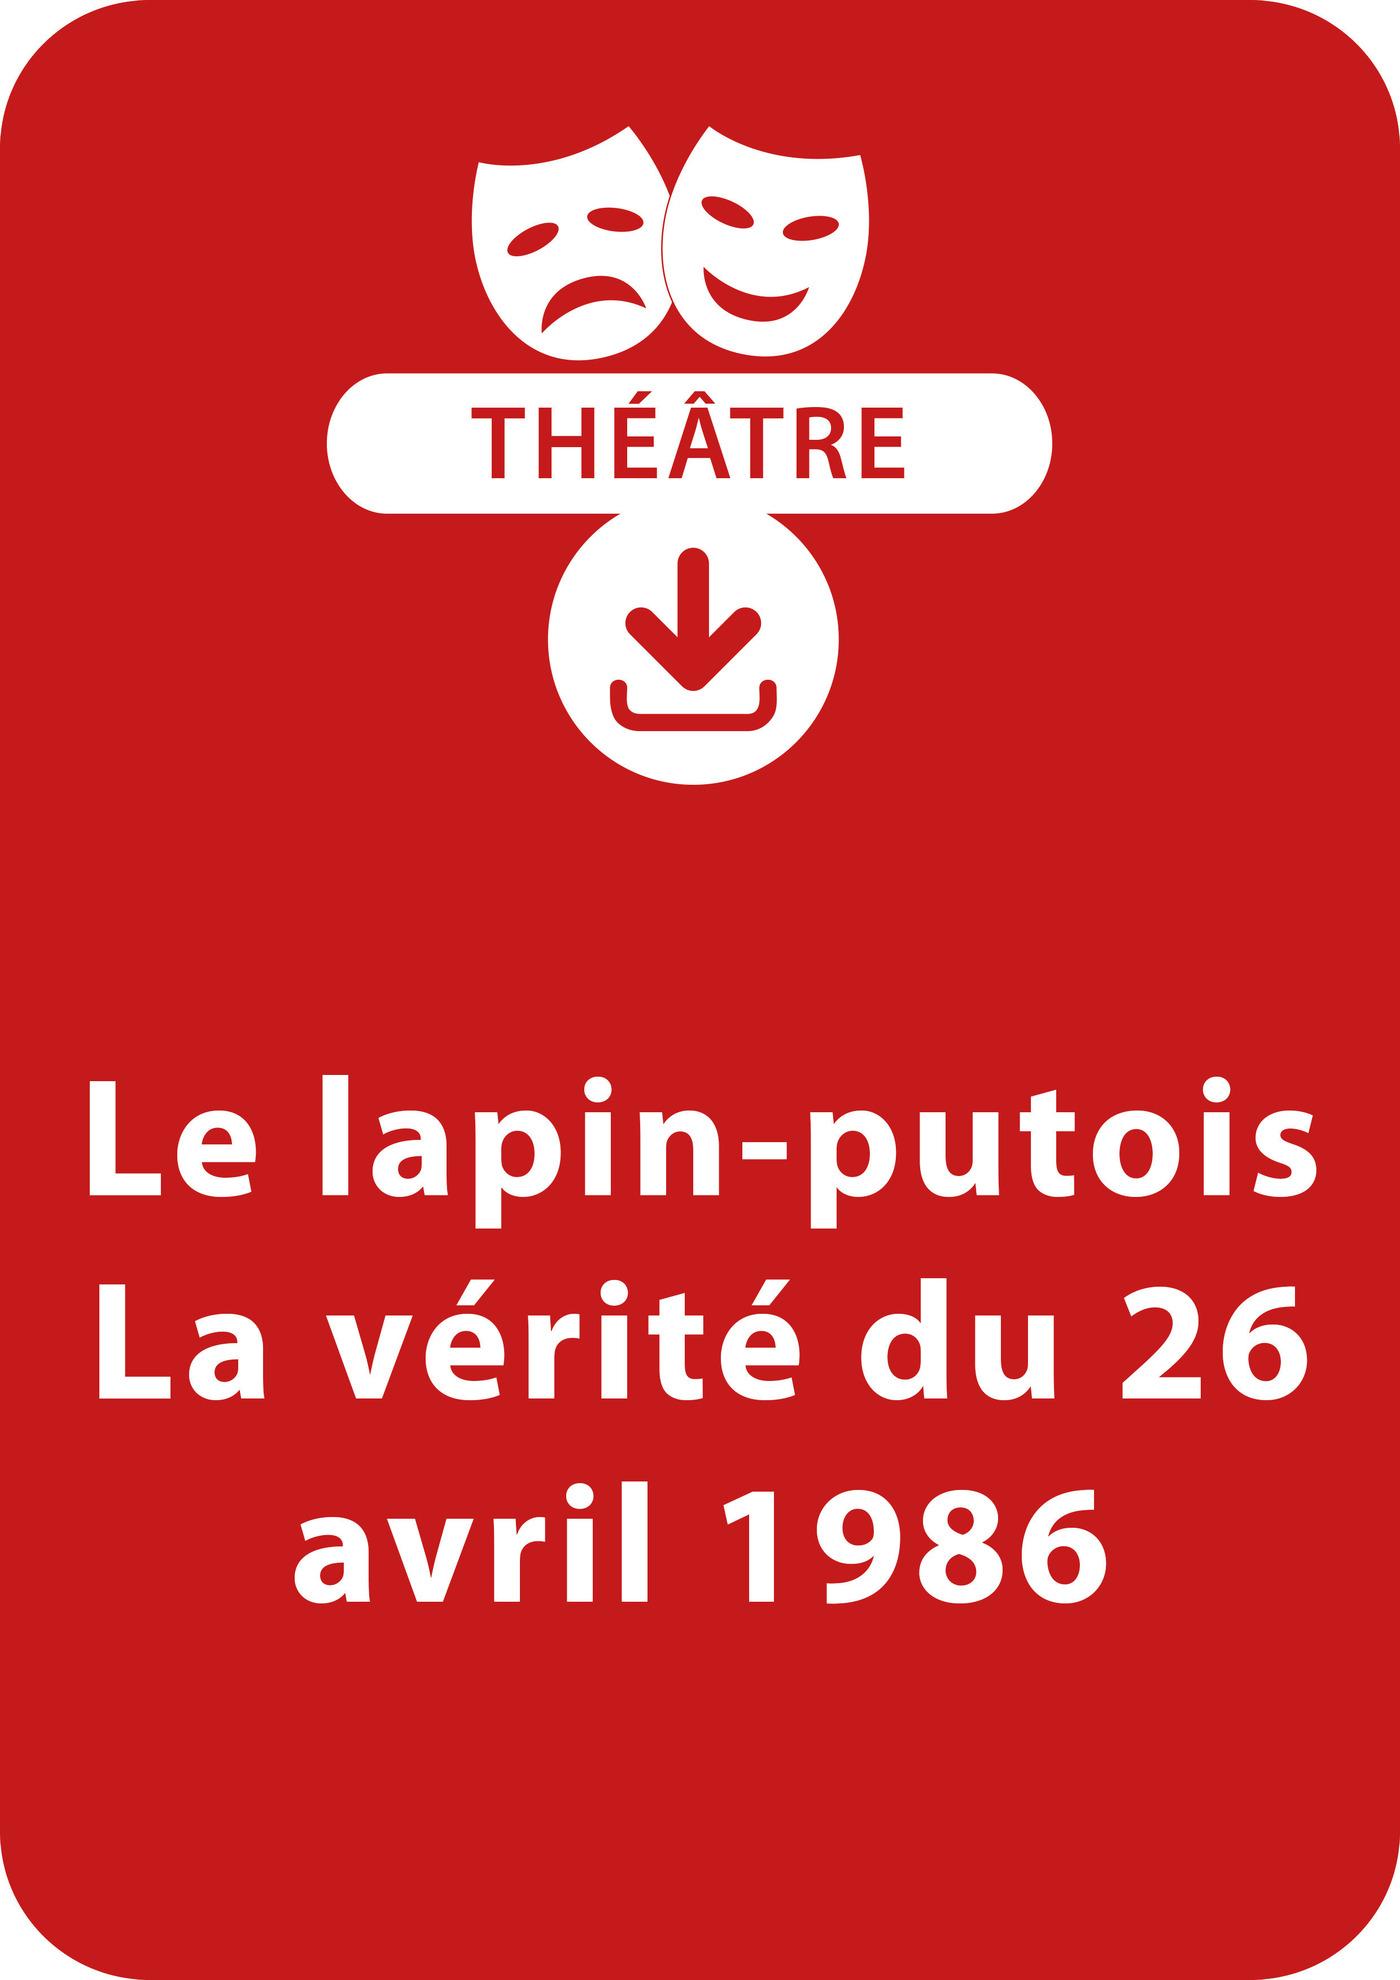 Le lapin-putois + La vérité du 26 avril 1986